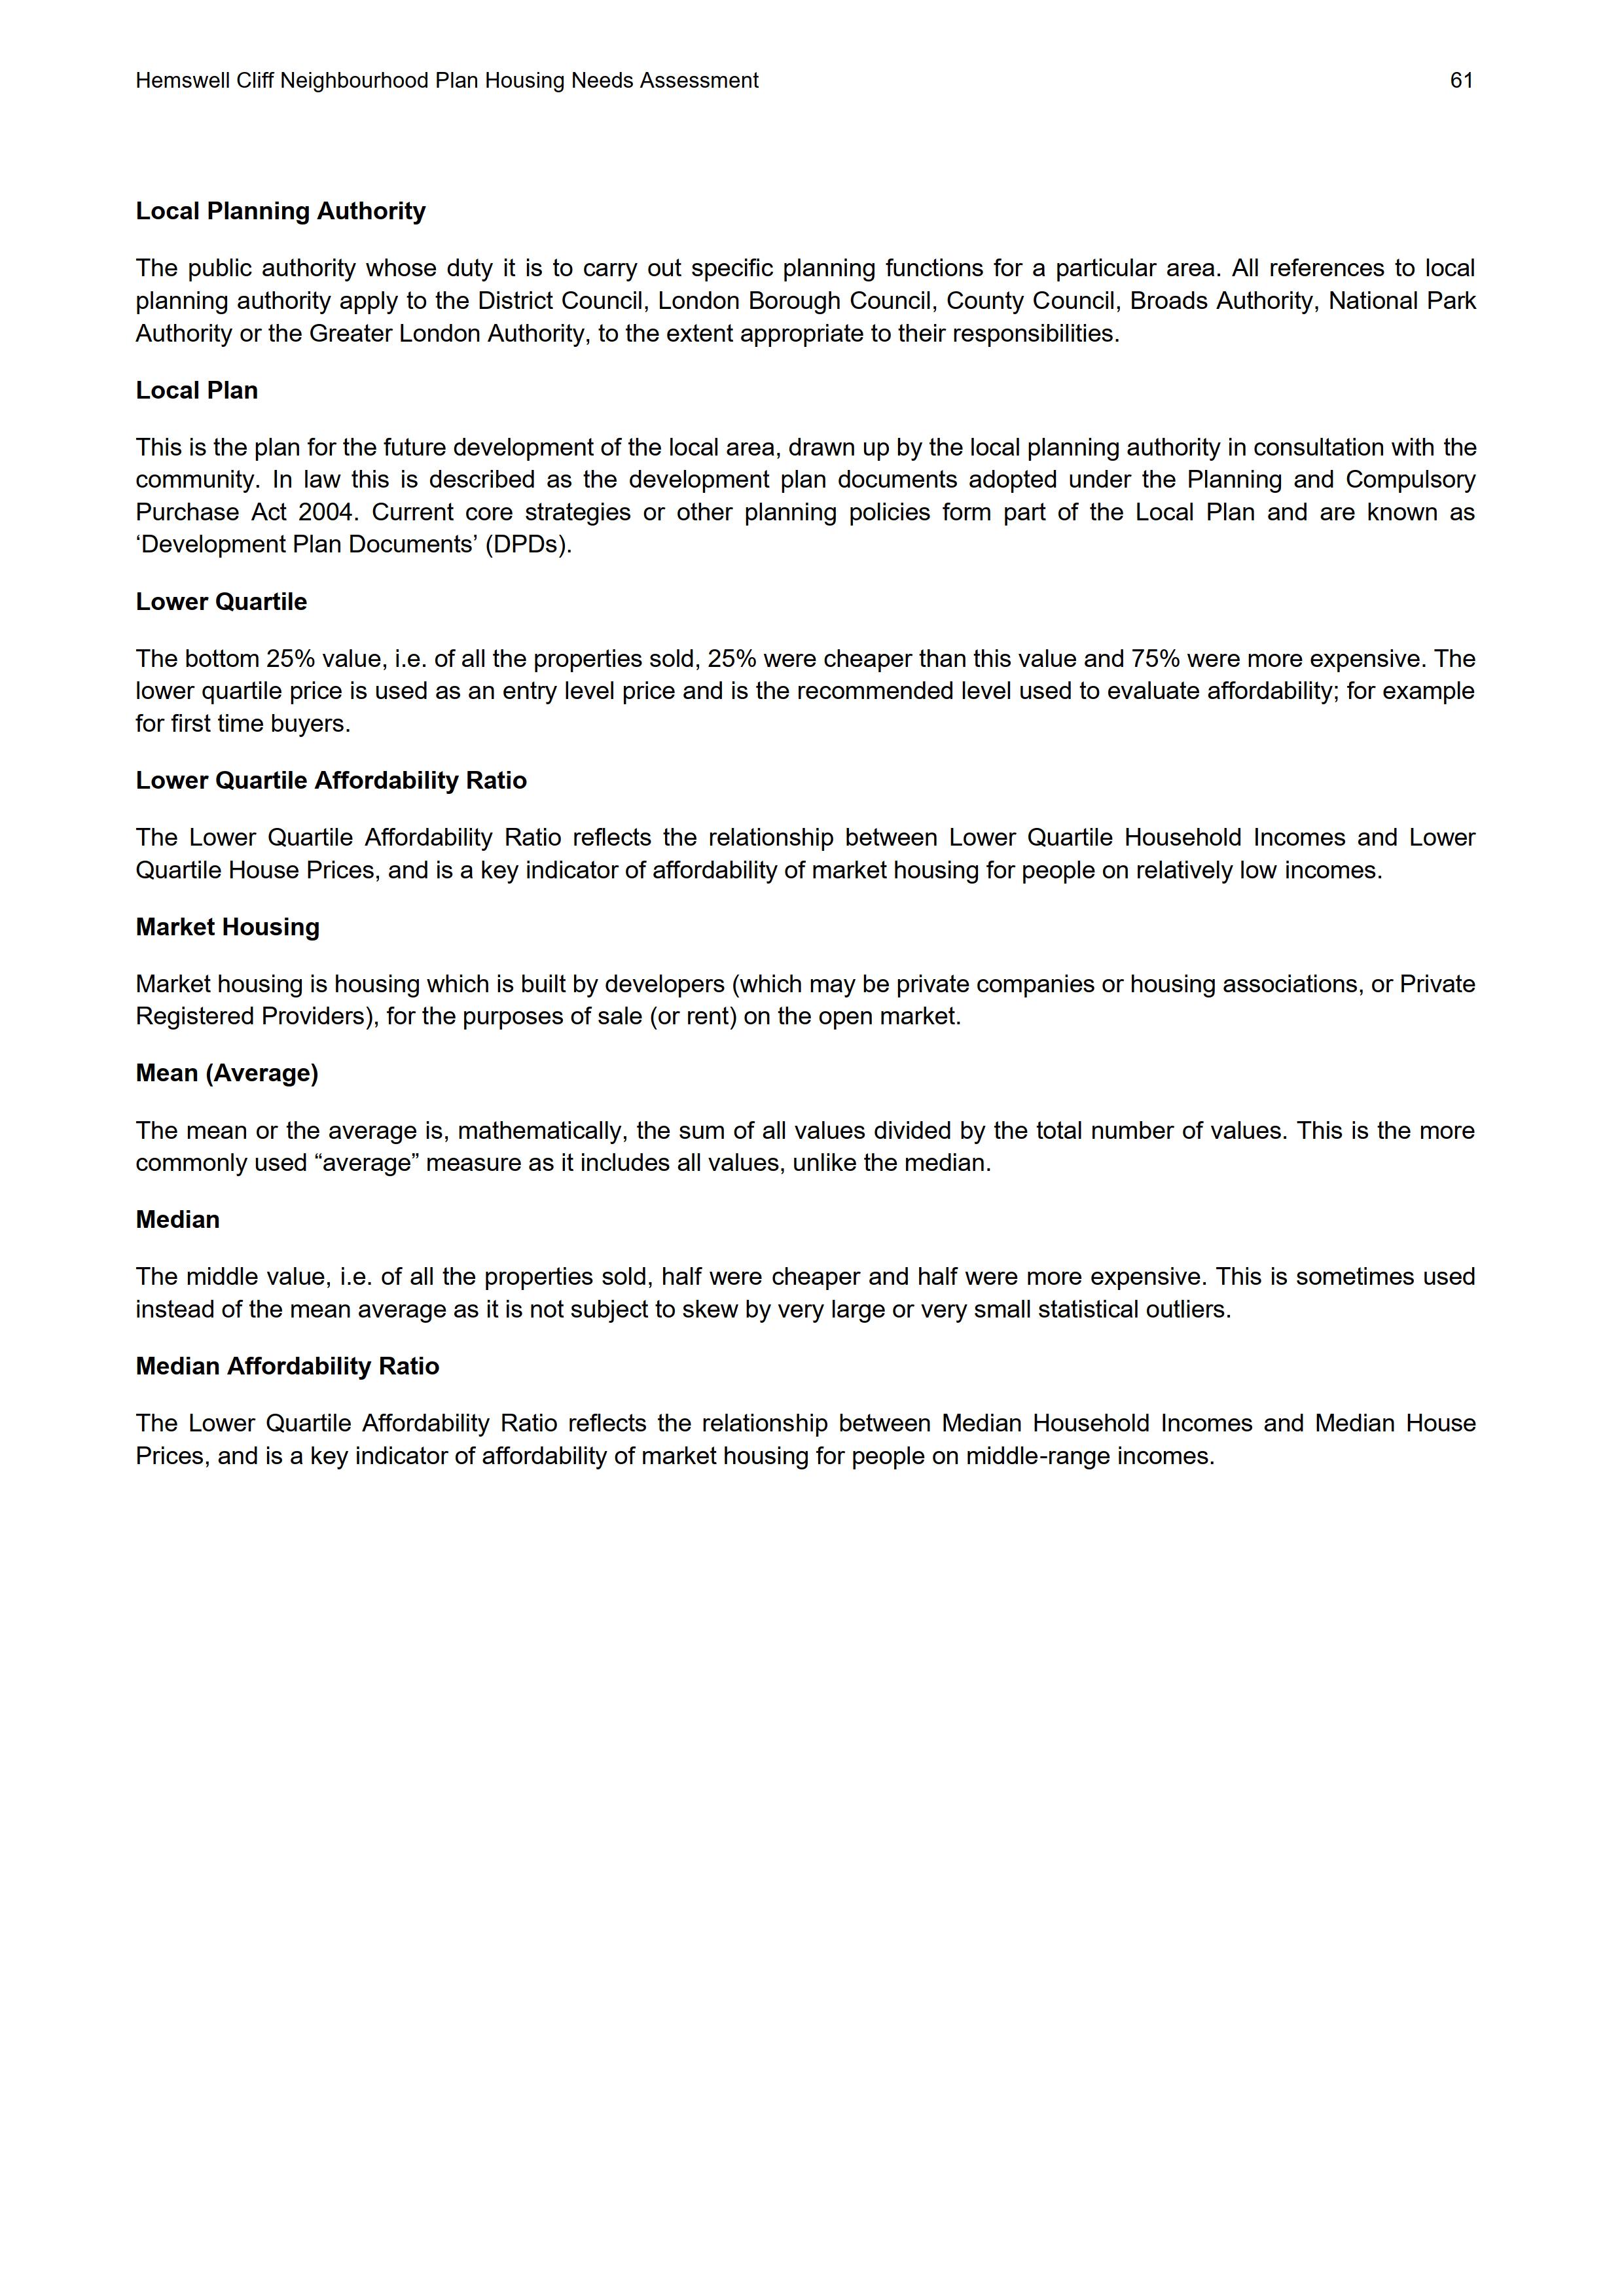 Hemswell_Cliff_Housing_Needs_Assessment_Final_61.png